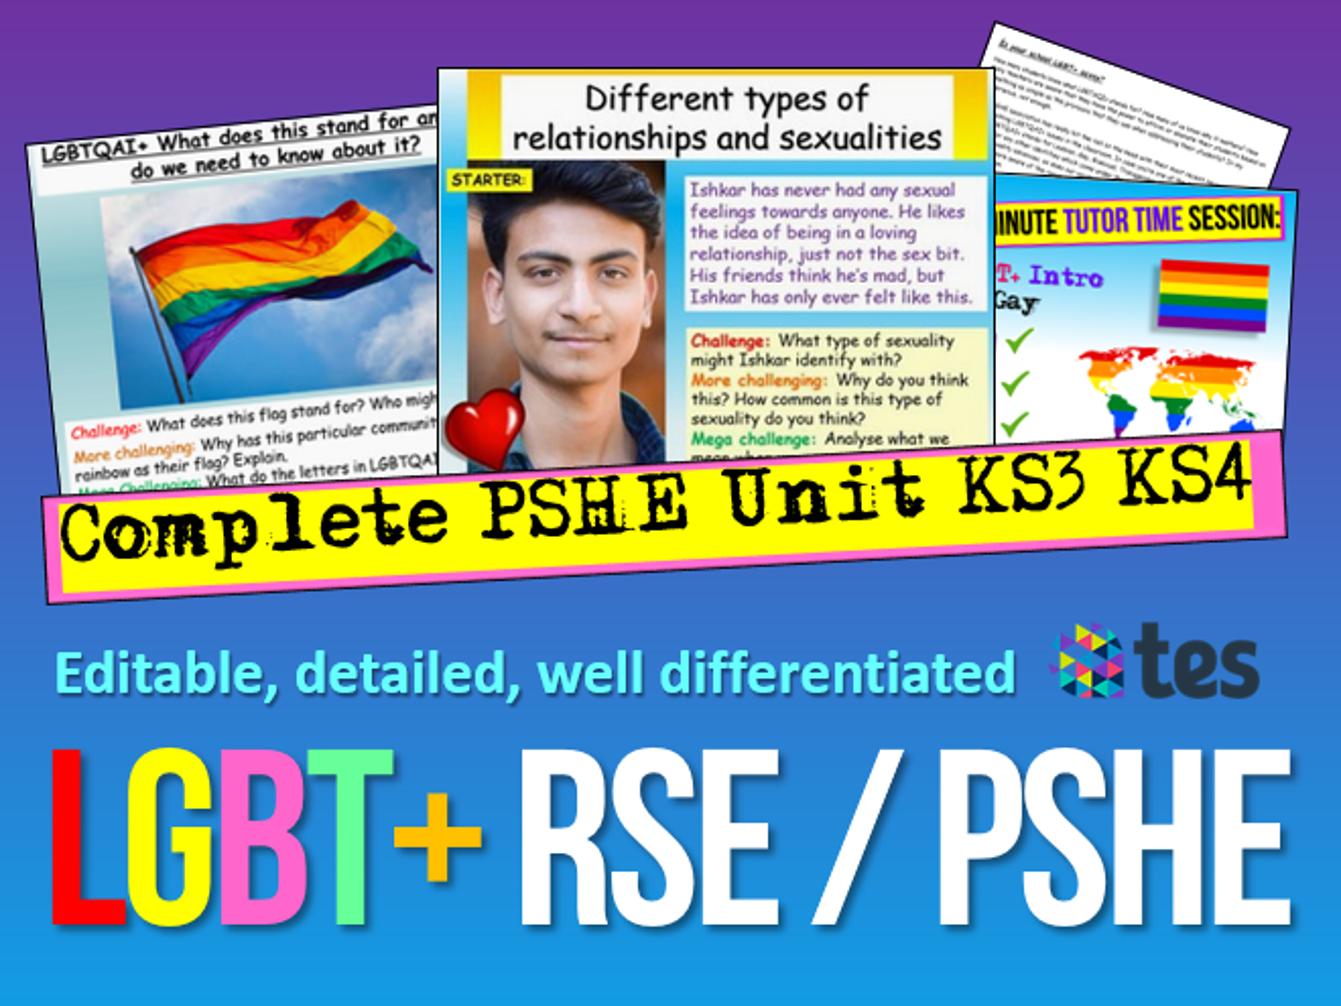 LGBTQ + PSHE 2020 Unit